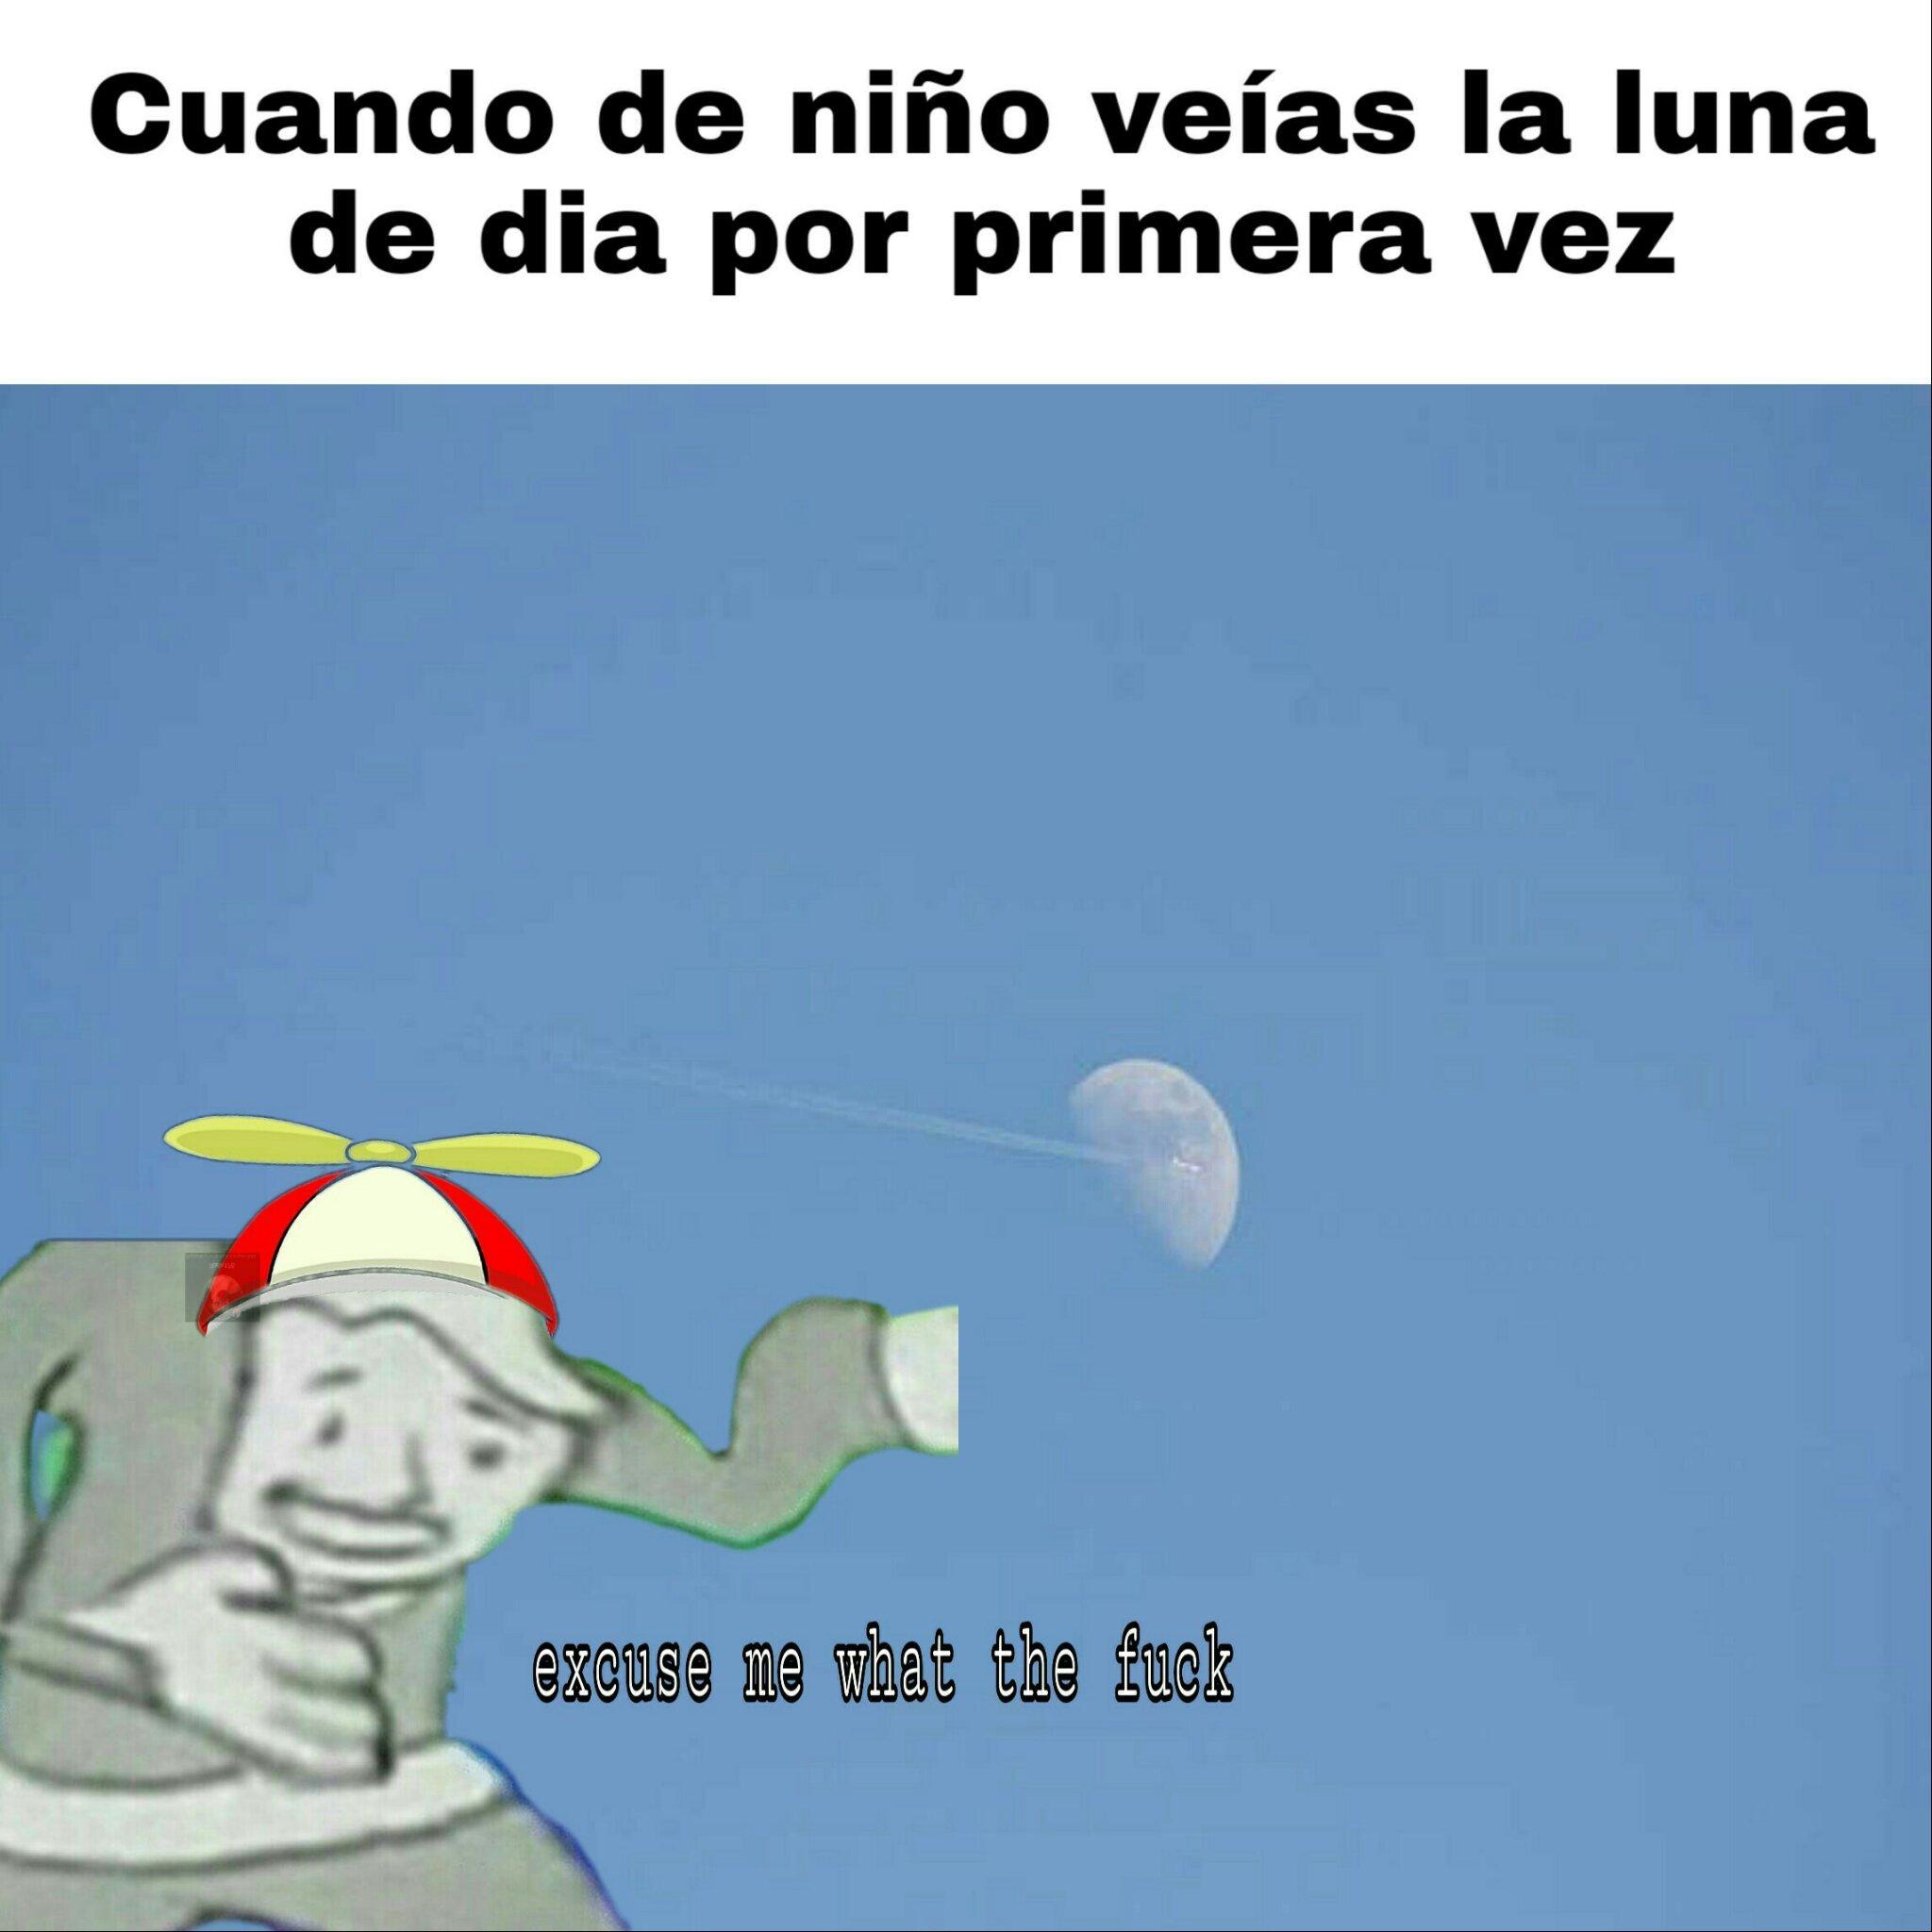 El titulo violó a la luna - meme